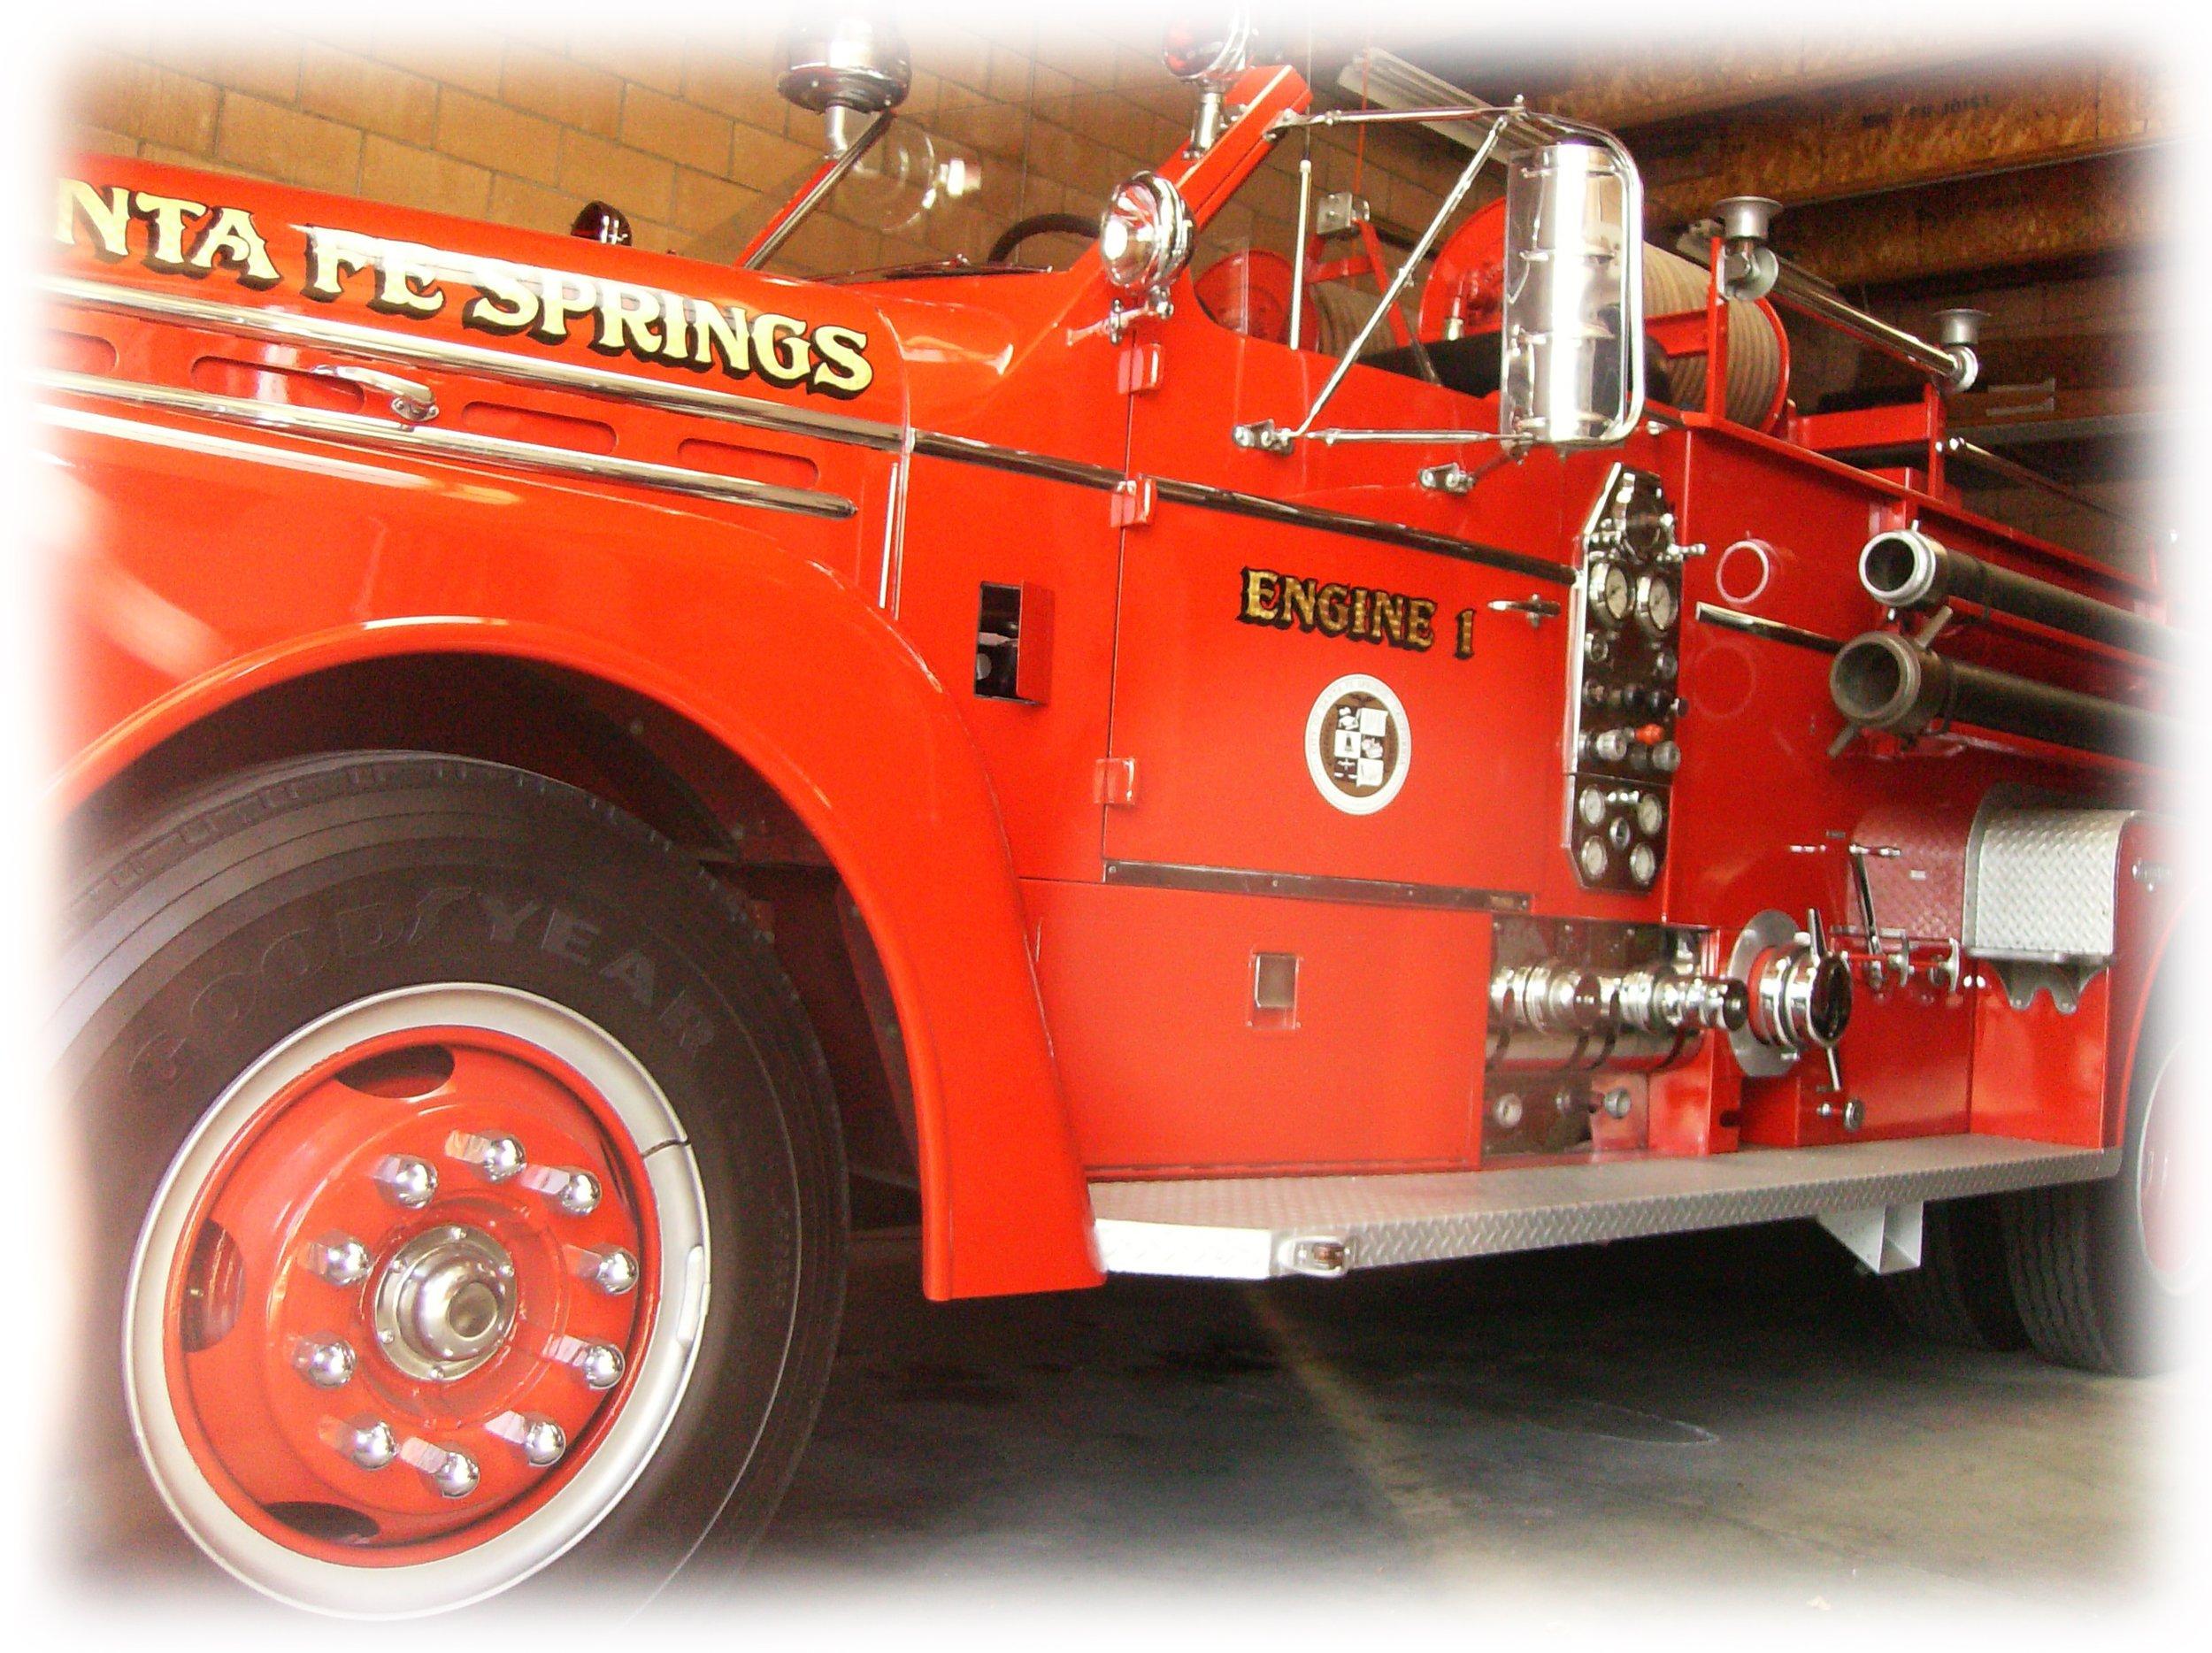 Santa Fe Springs gold leaf on antique fire truck